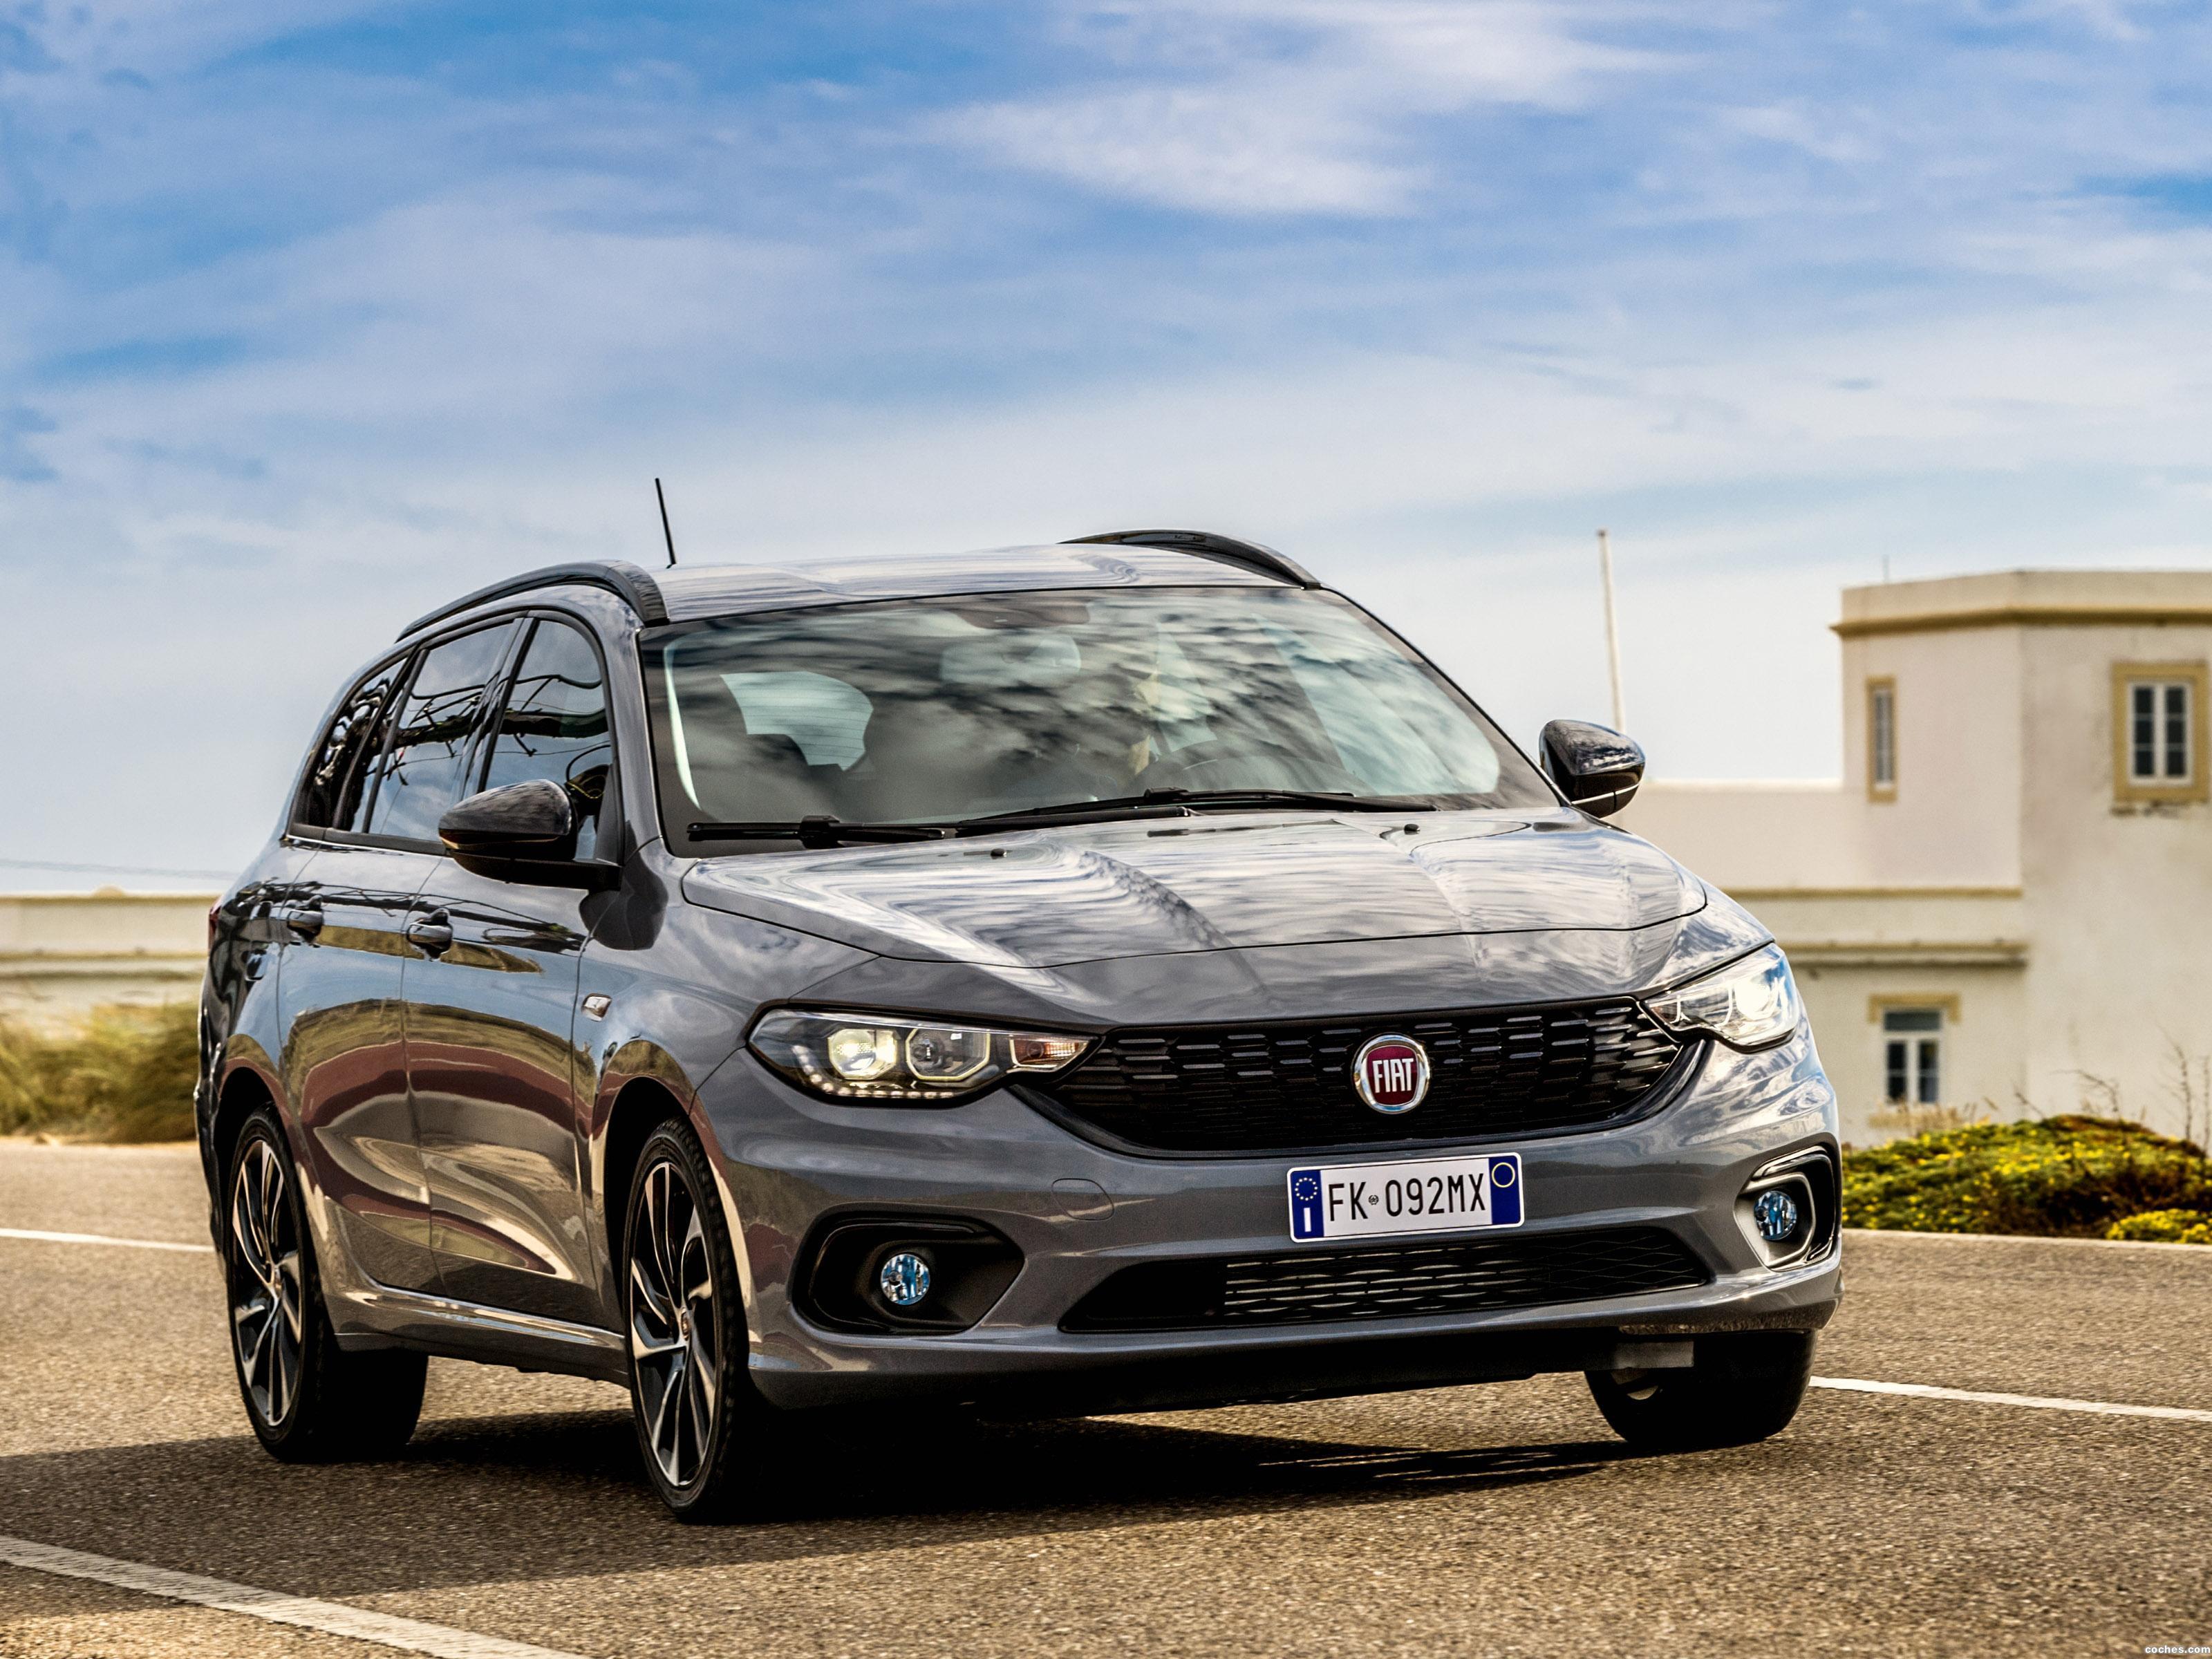 Foto 0 de Fiat Tipo Station Wagon S Design 2017